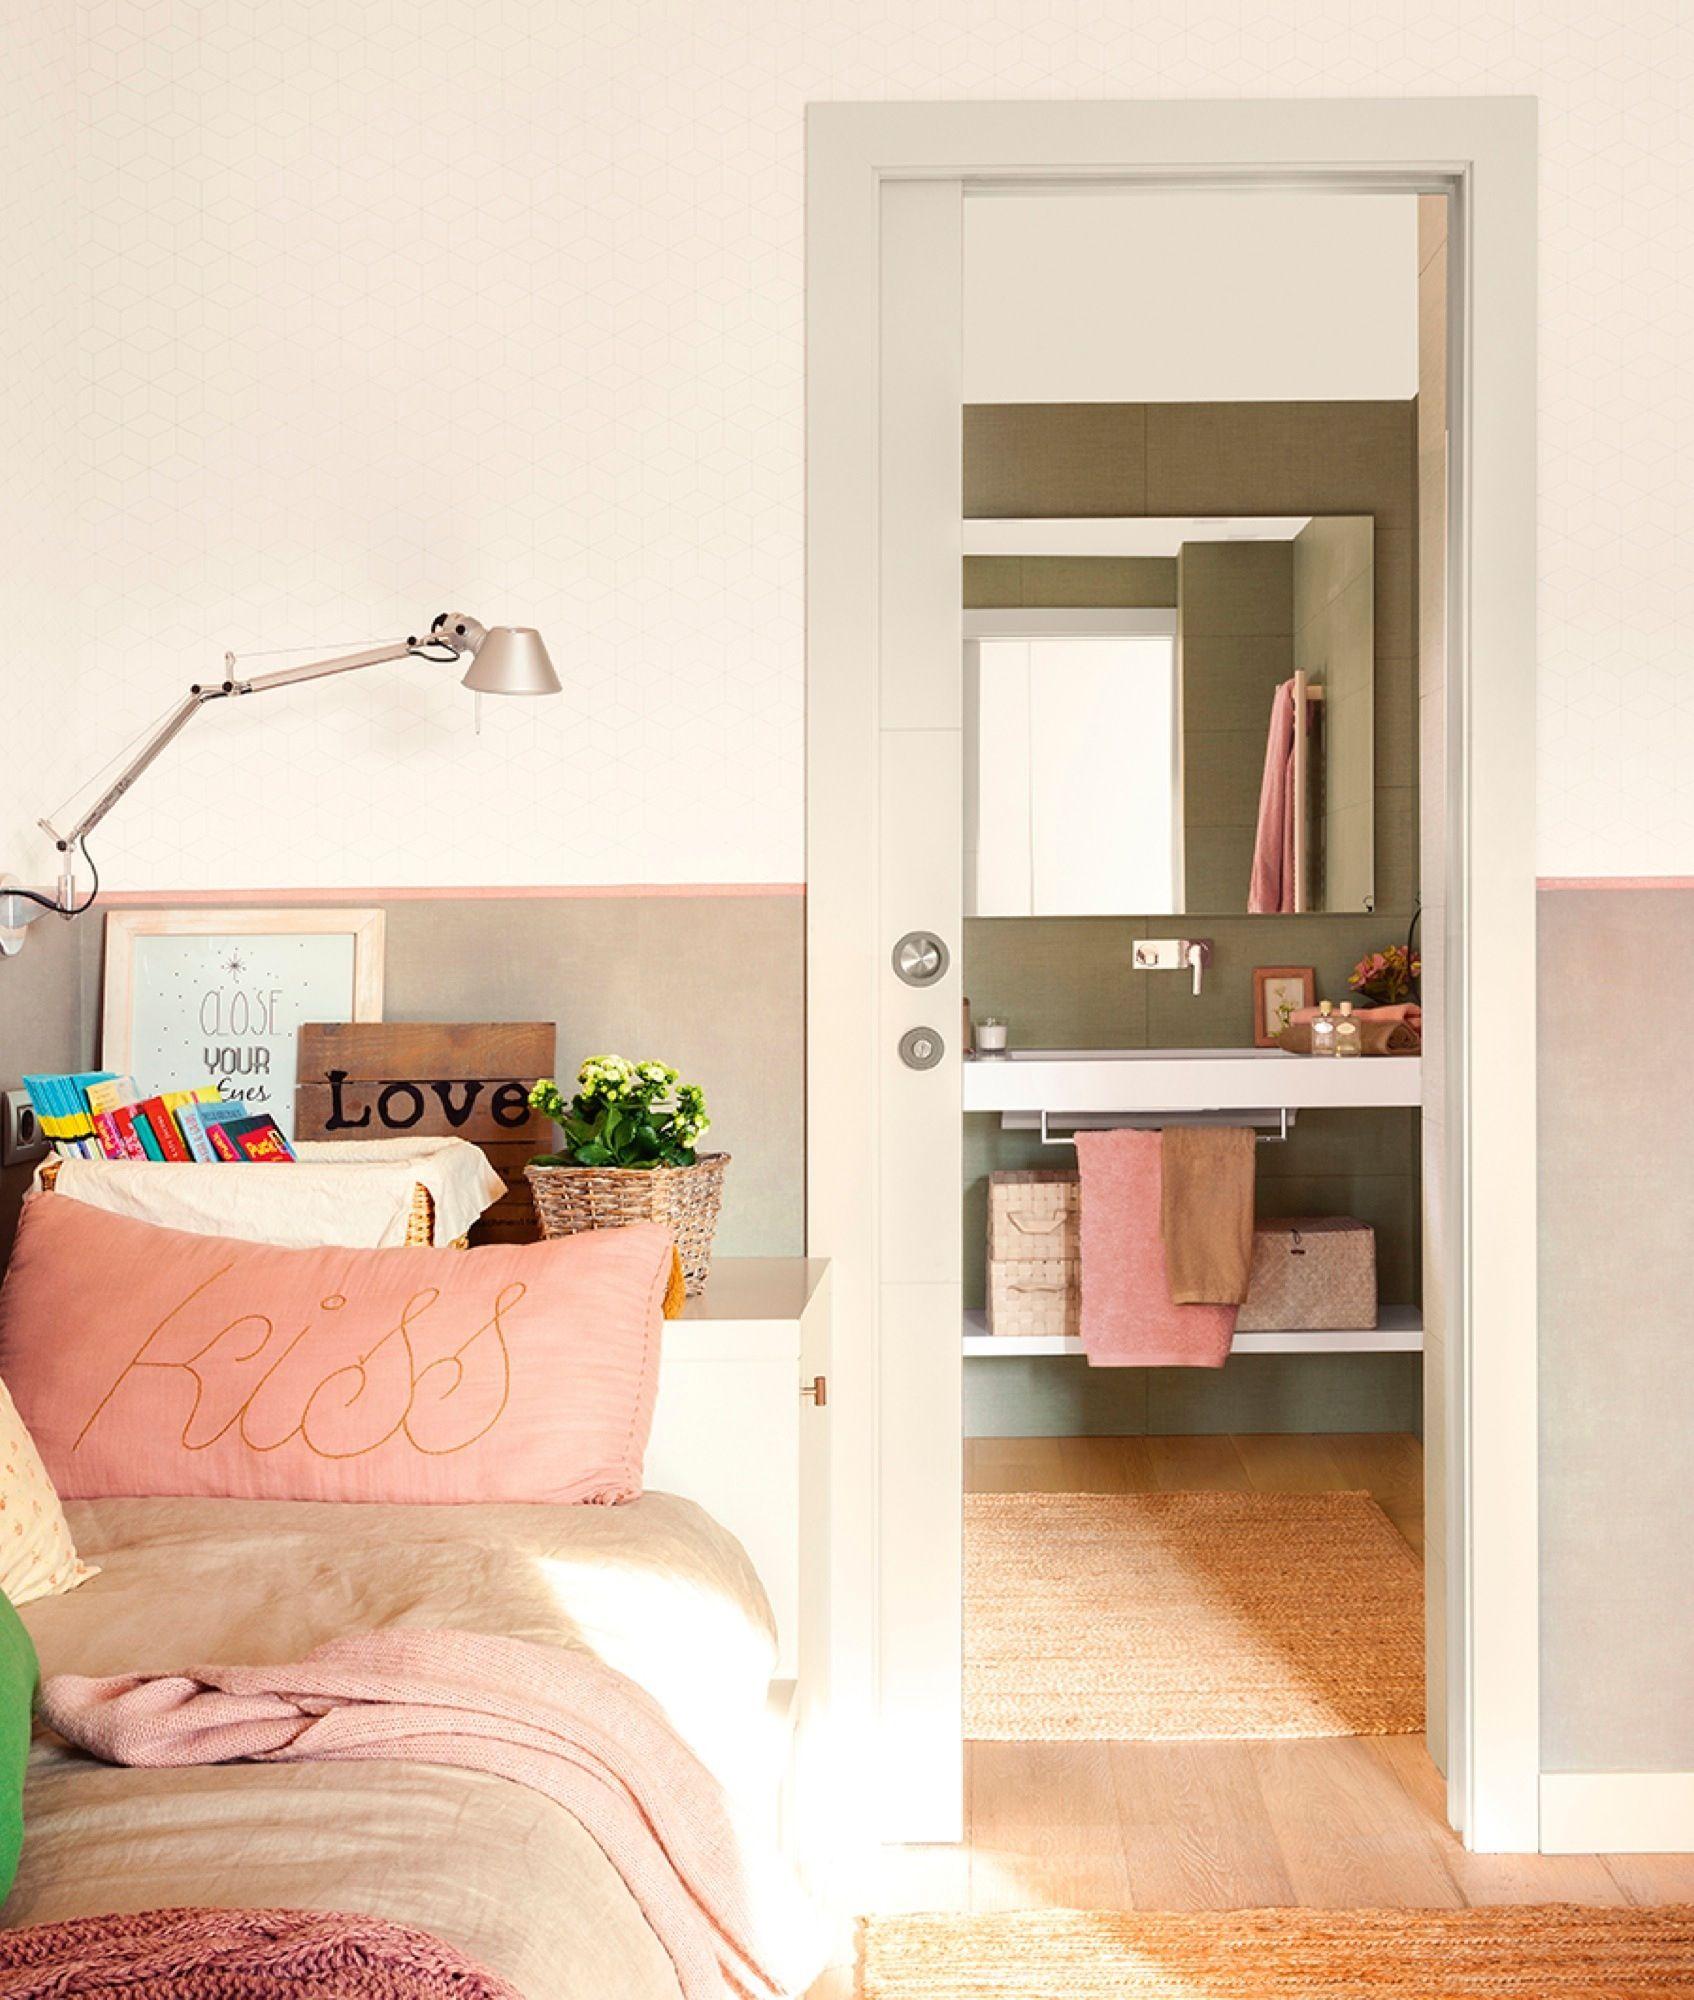 Dormitorio infantil con cama nido comunica al ba o por una for Habitaciones con puertas correderas